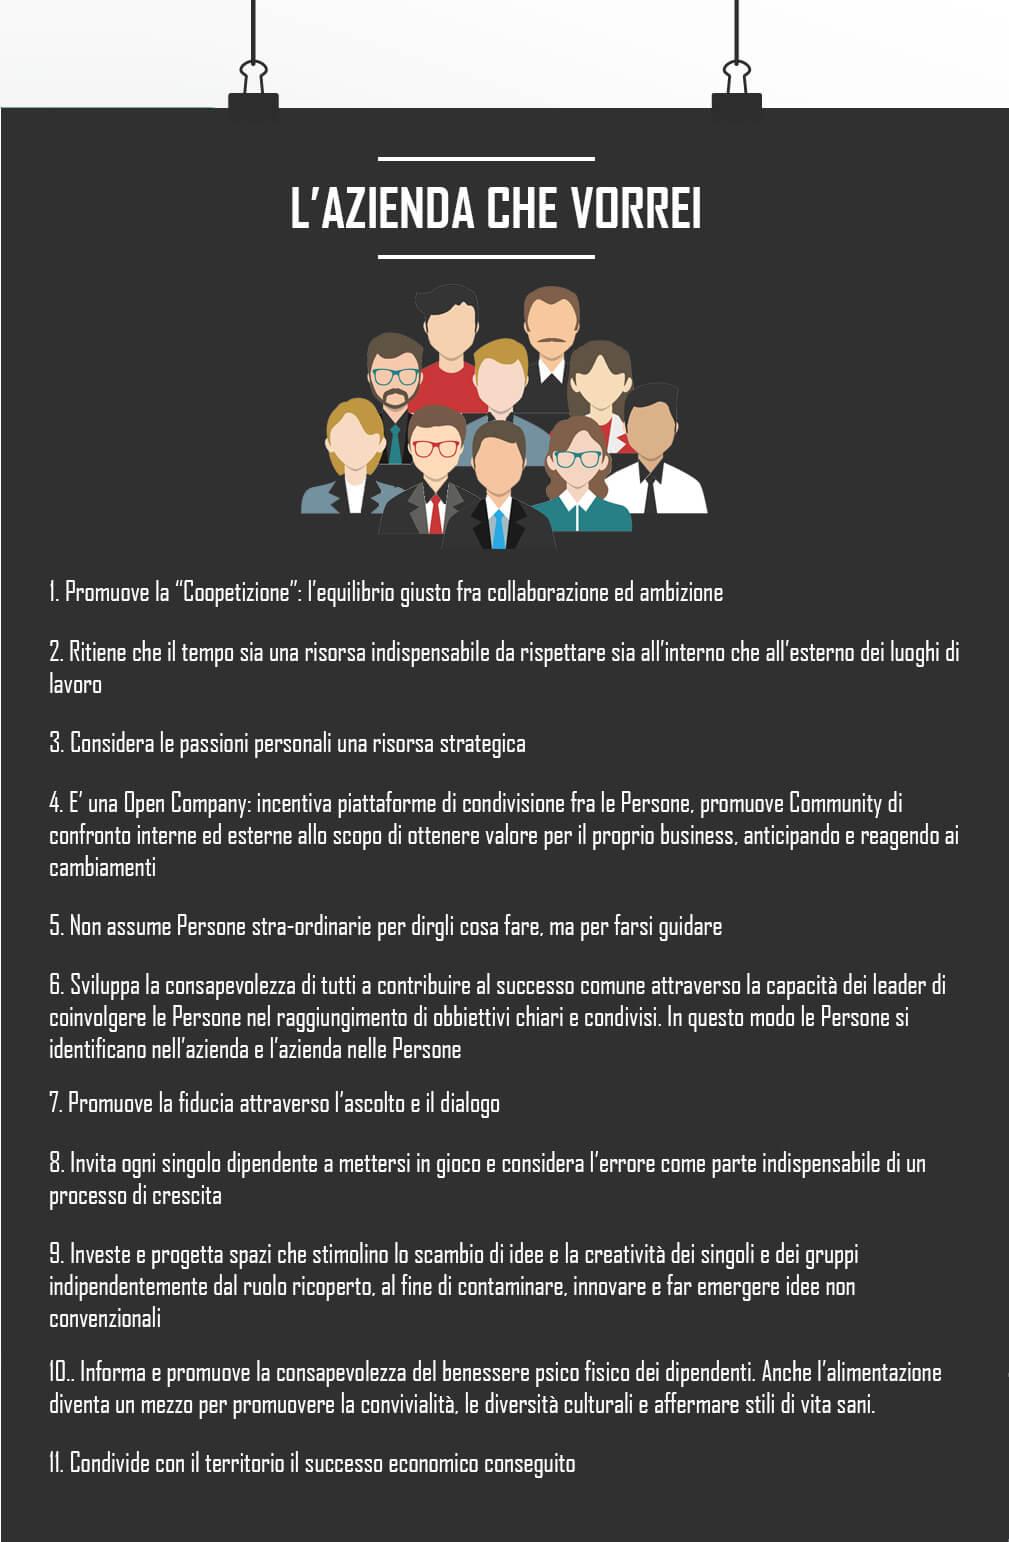 Manifesto Azienda che vorrei